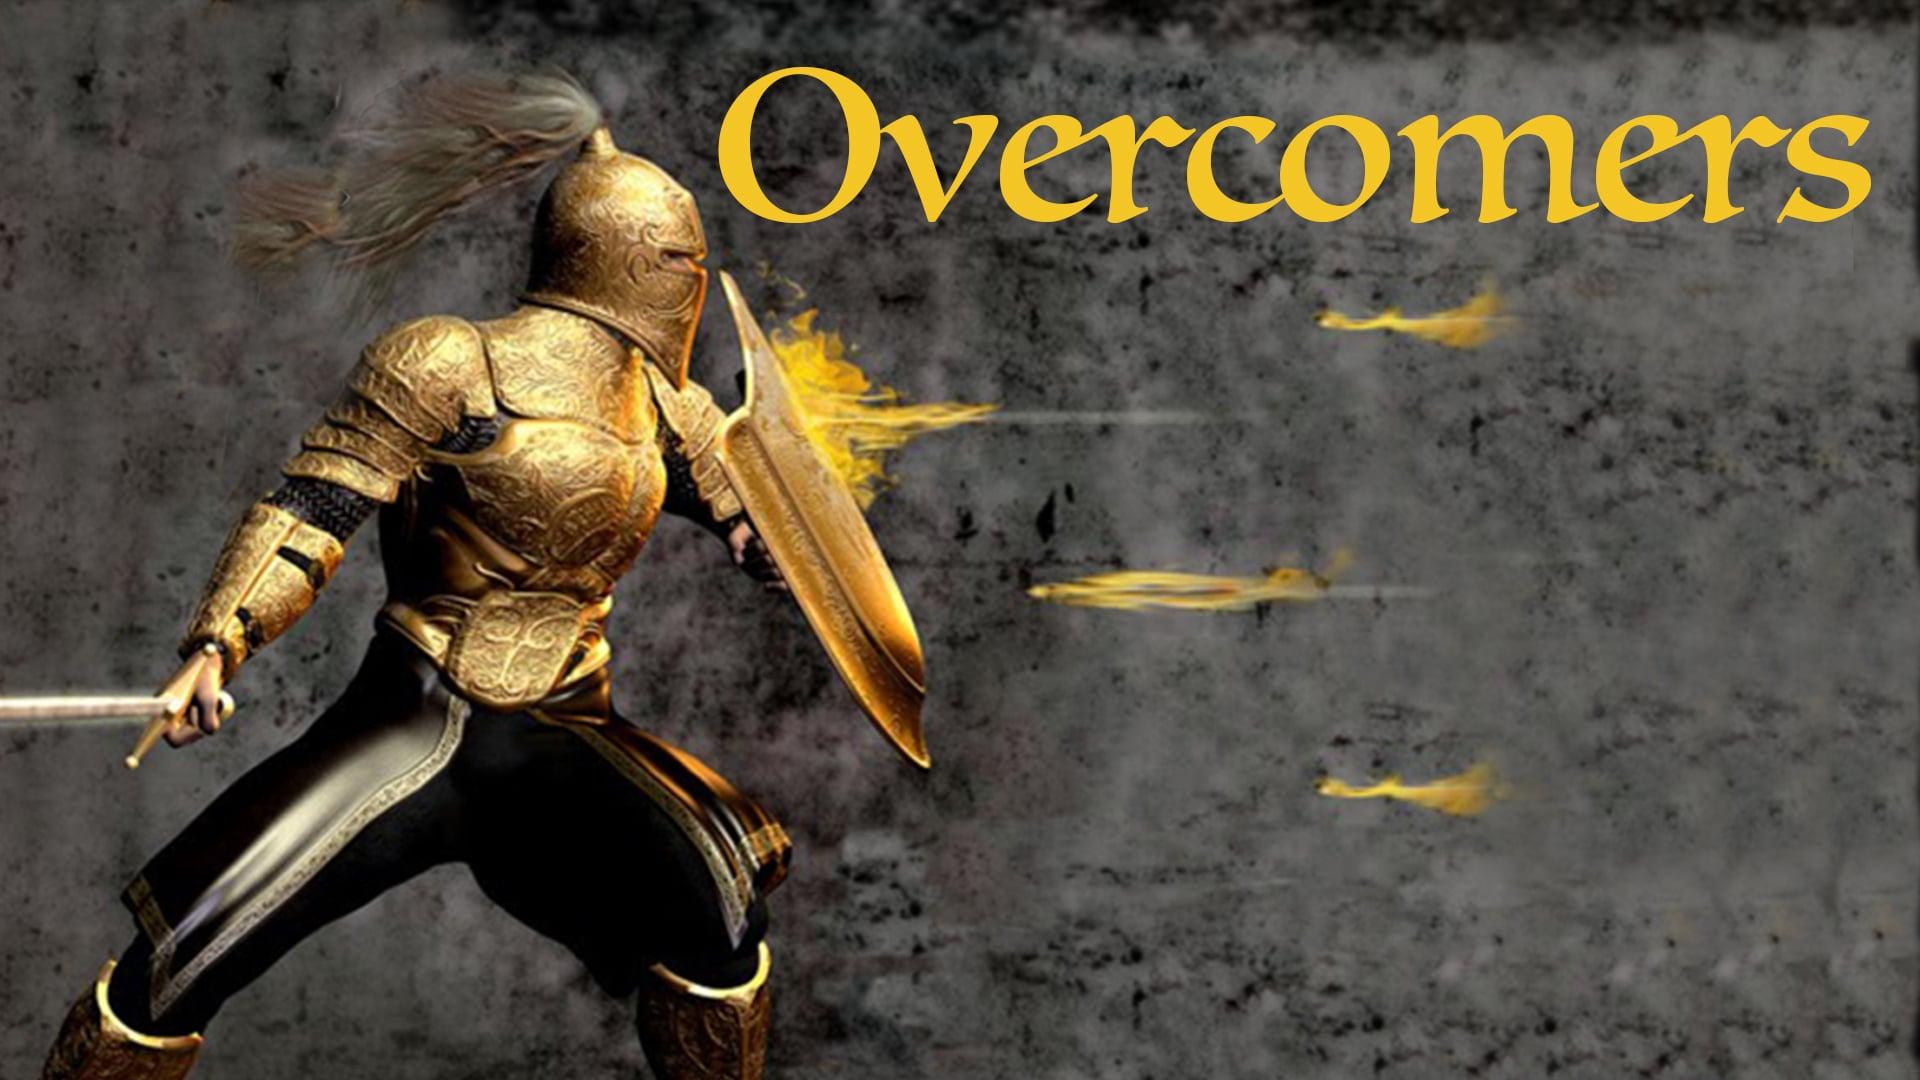 Overcomers - Part 4